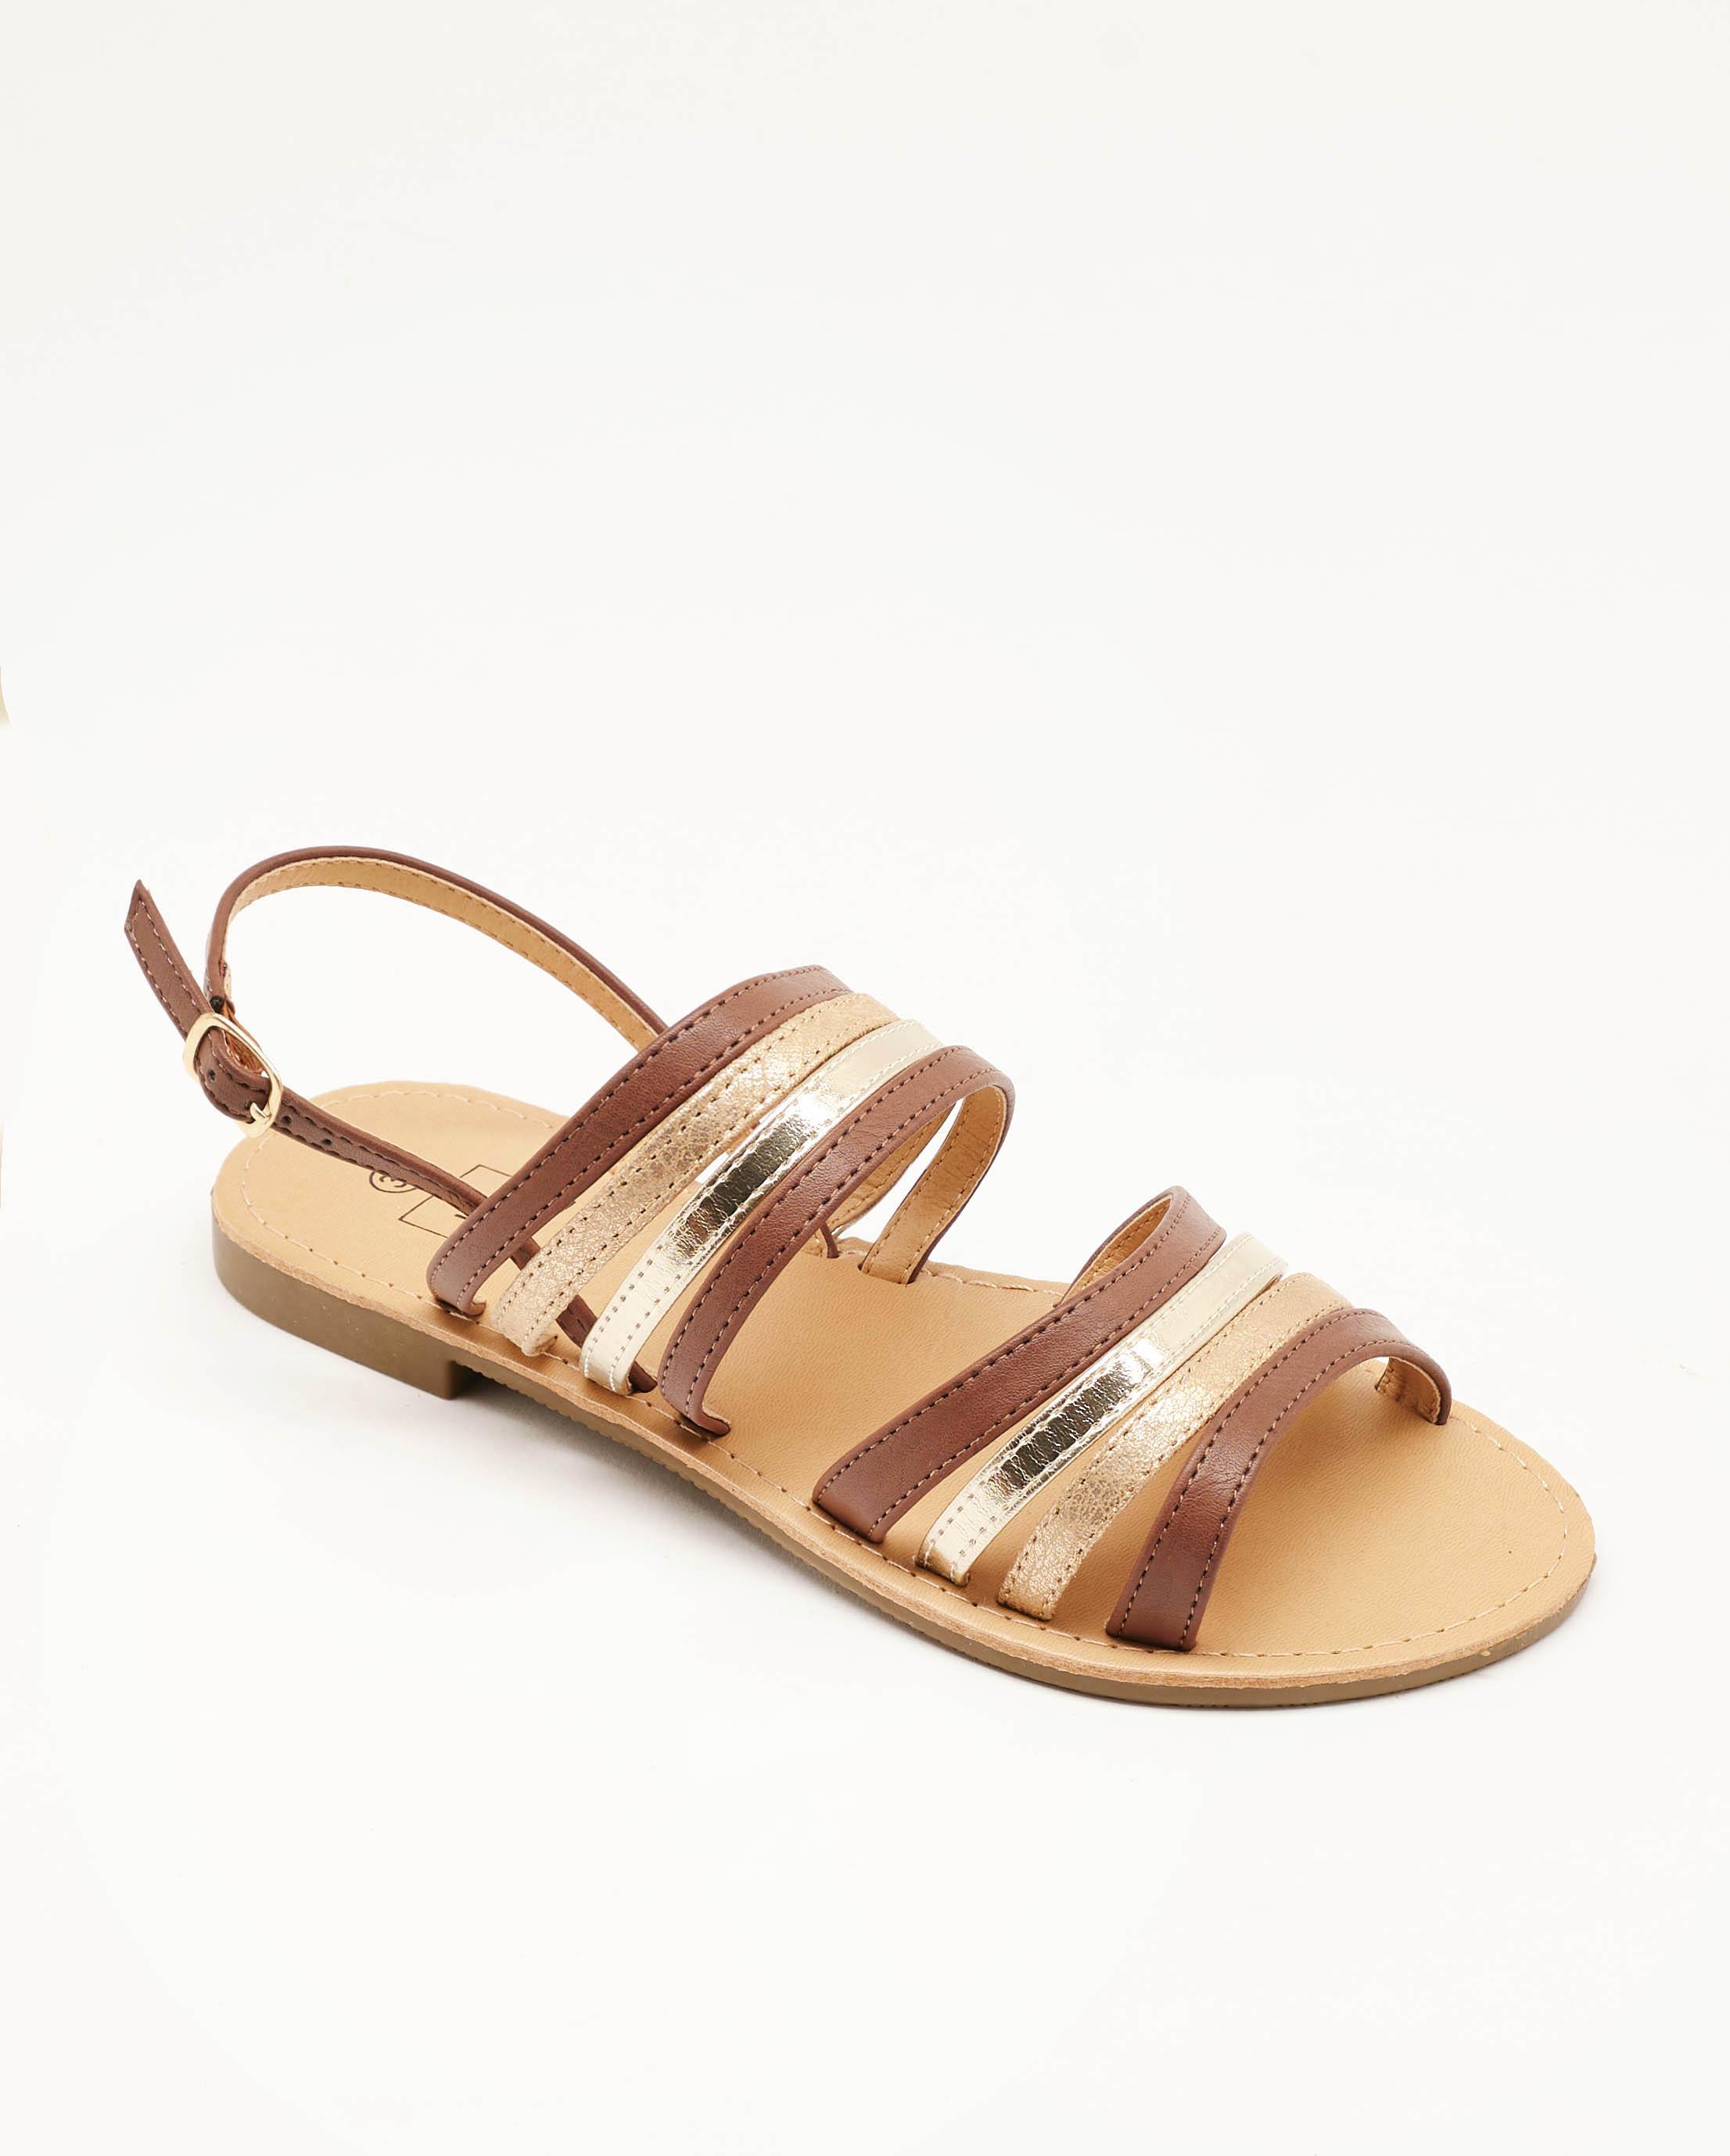 Sandales Plates Femme - Sandale Plate Camel Jina - Naelle